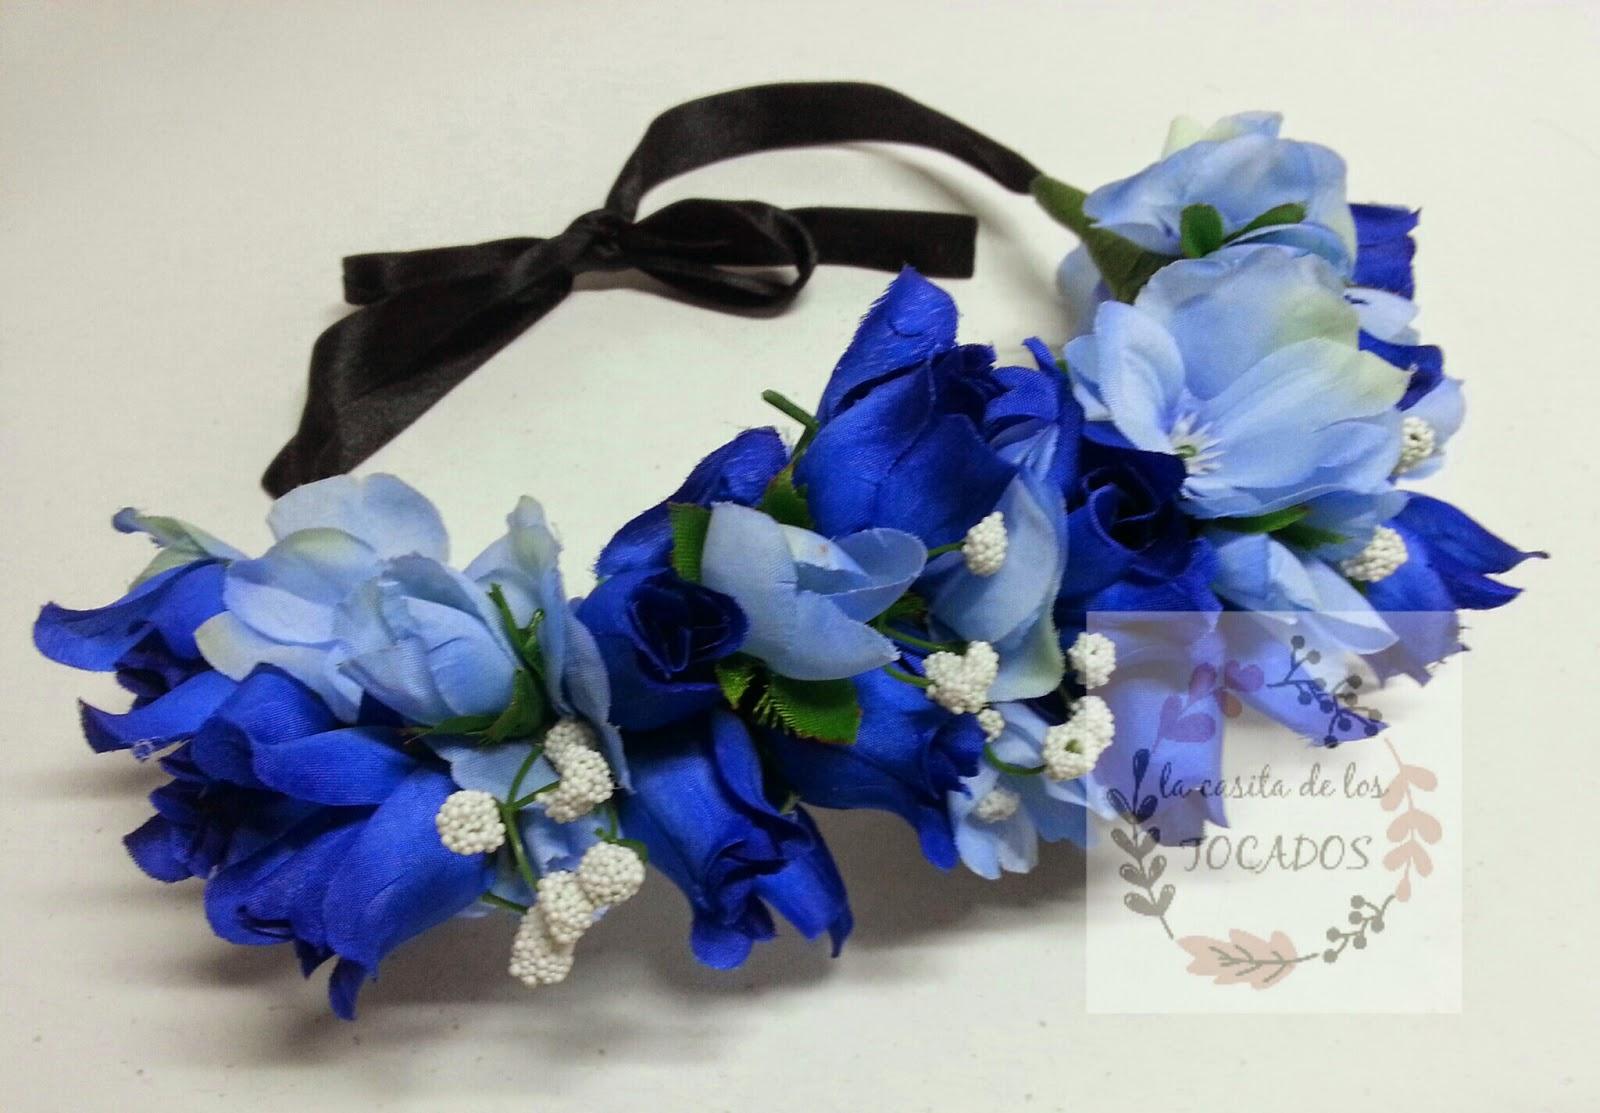 corona en color azul para boda o eventos de fiesta realizada artesanalmente